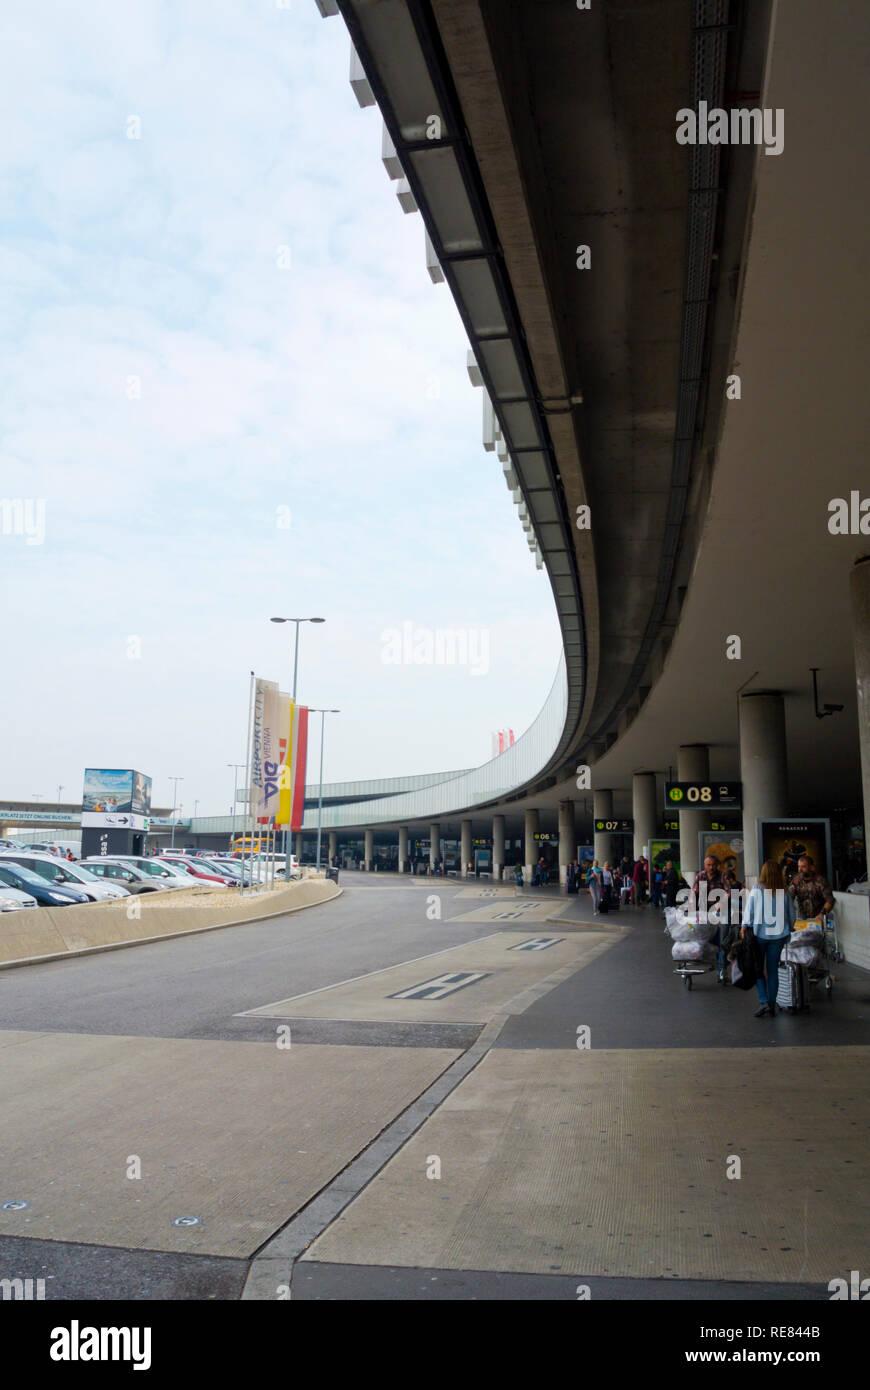 Schwechat, Flughafen Wien, Vienna International airport, Vienna, Austria - Stock Image